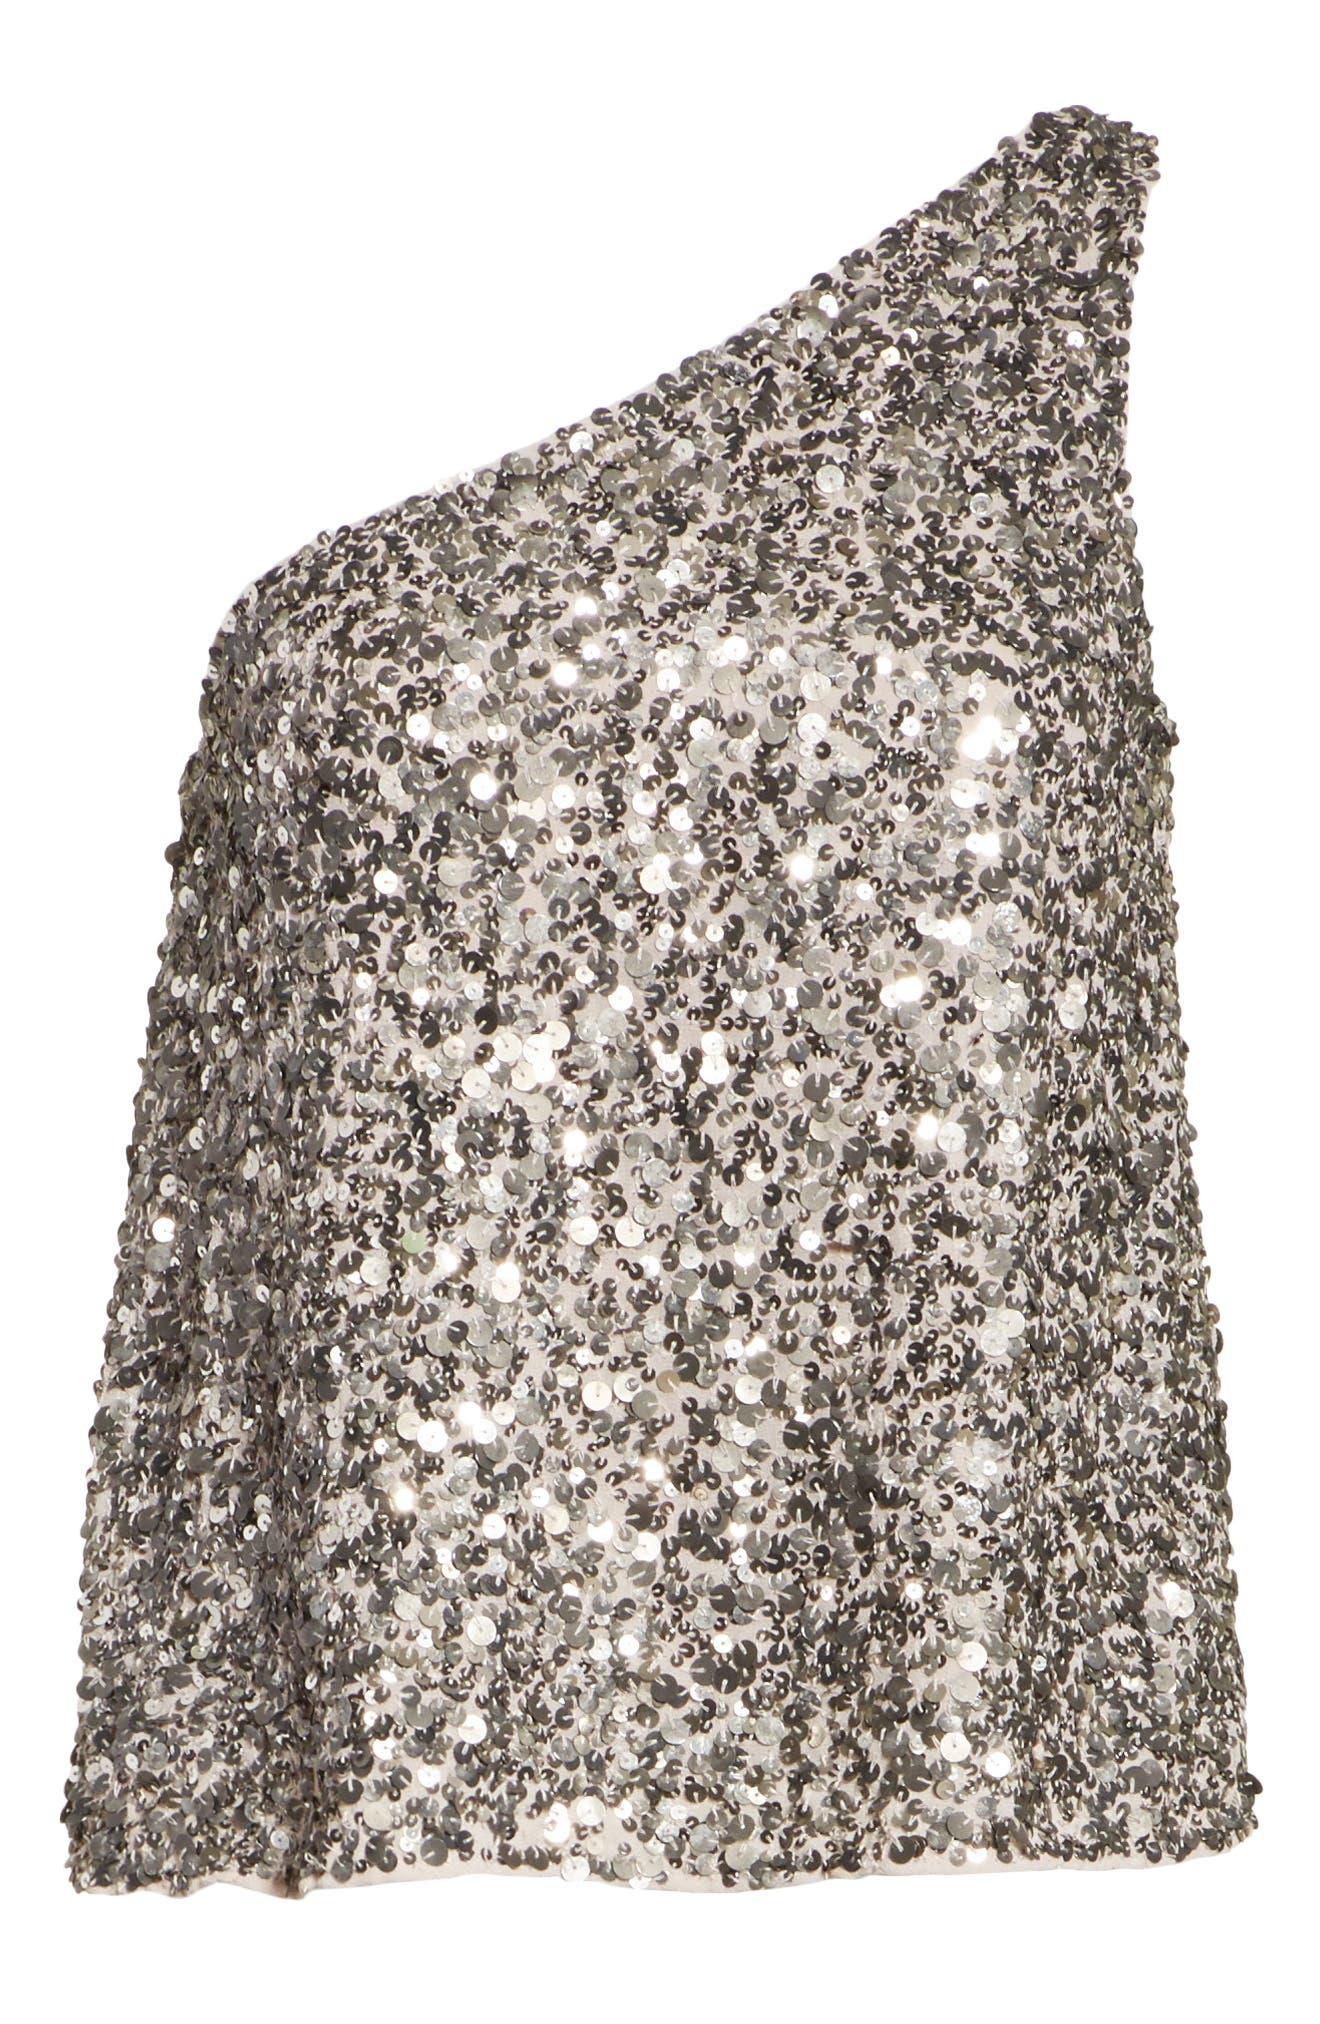 Hedra One-Shoulder Sequin Top,                             Alternate thumbnail 6, color,                             Vintage Silver